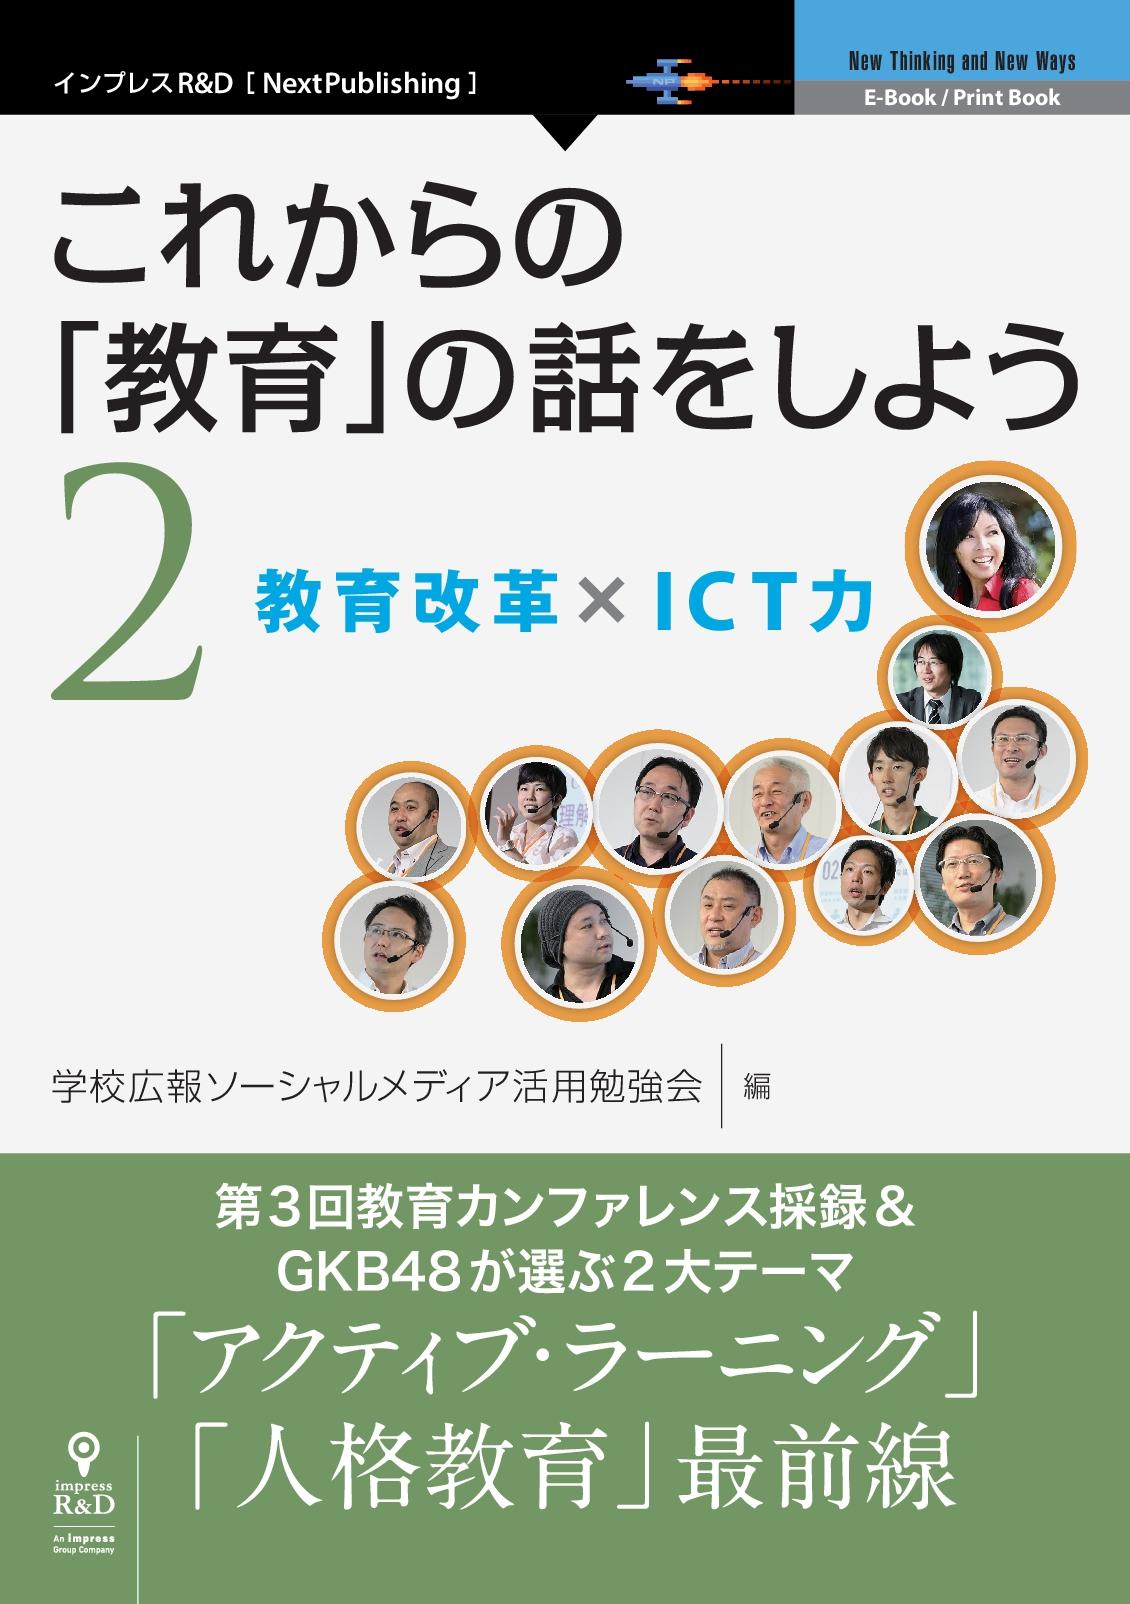 学校広報ソーシャルメディア活用勉強会(GKB48)が『これからの「教育」の話をしよう 2 教育改革×ICT力』を発行 -- GKB教育カンファレンスを書籍化